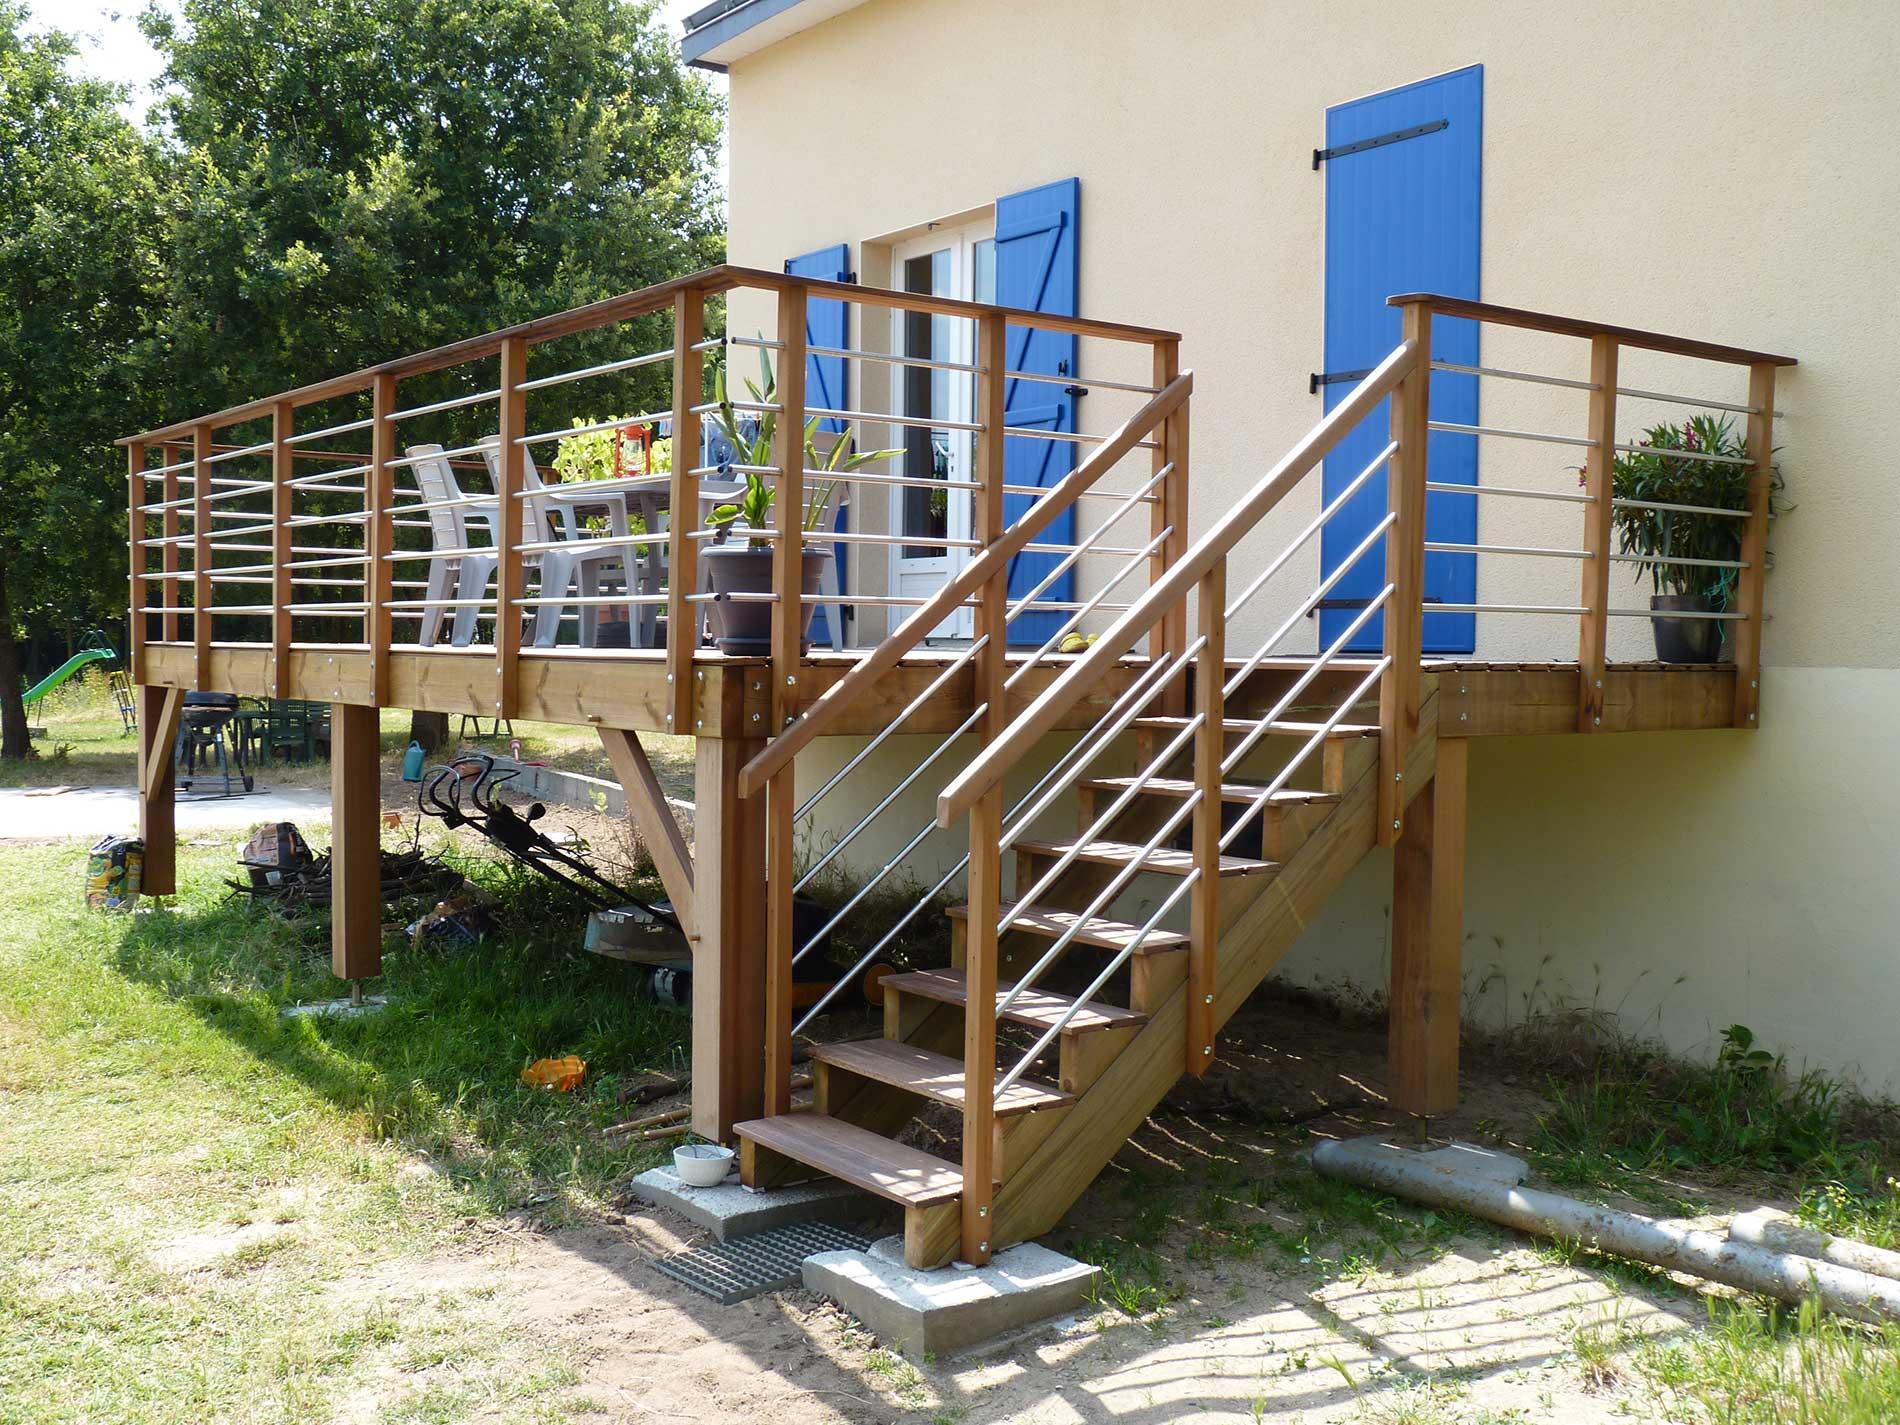 Image de Terrasse en bois